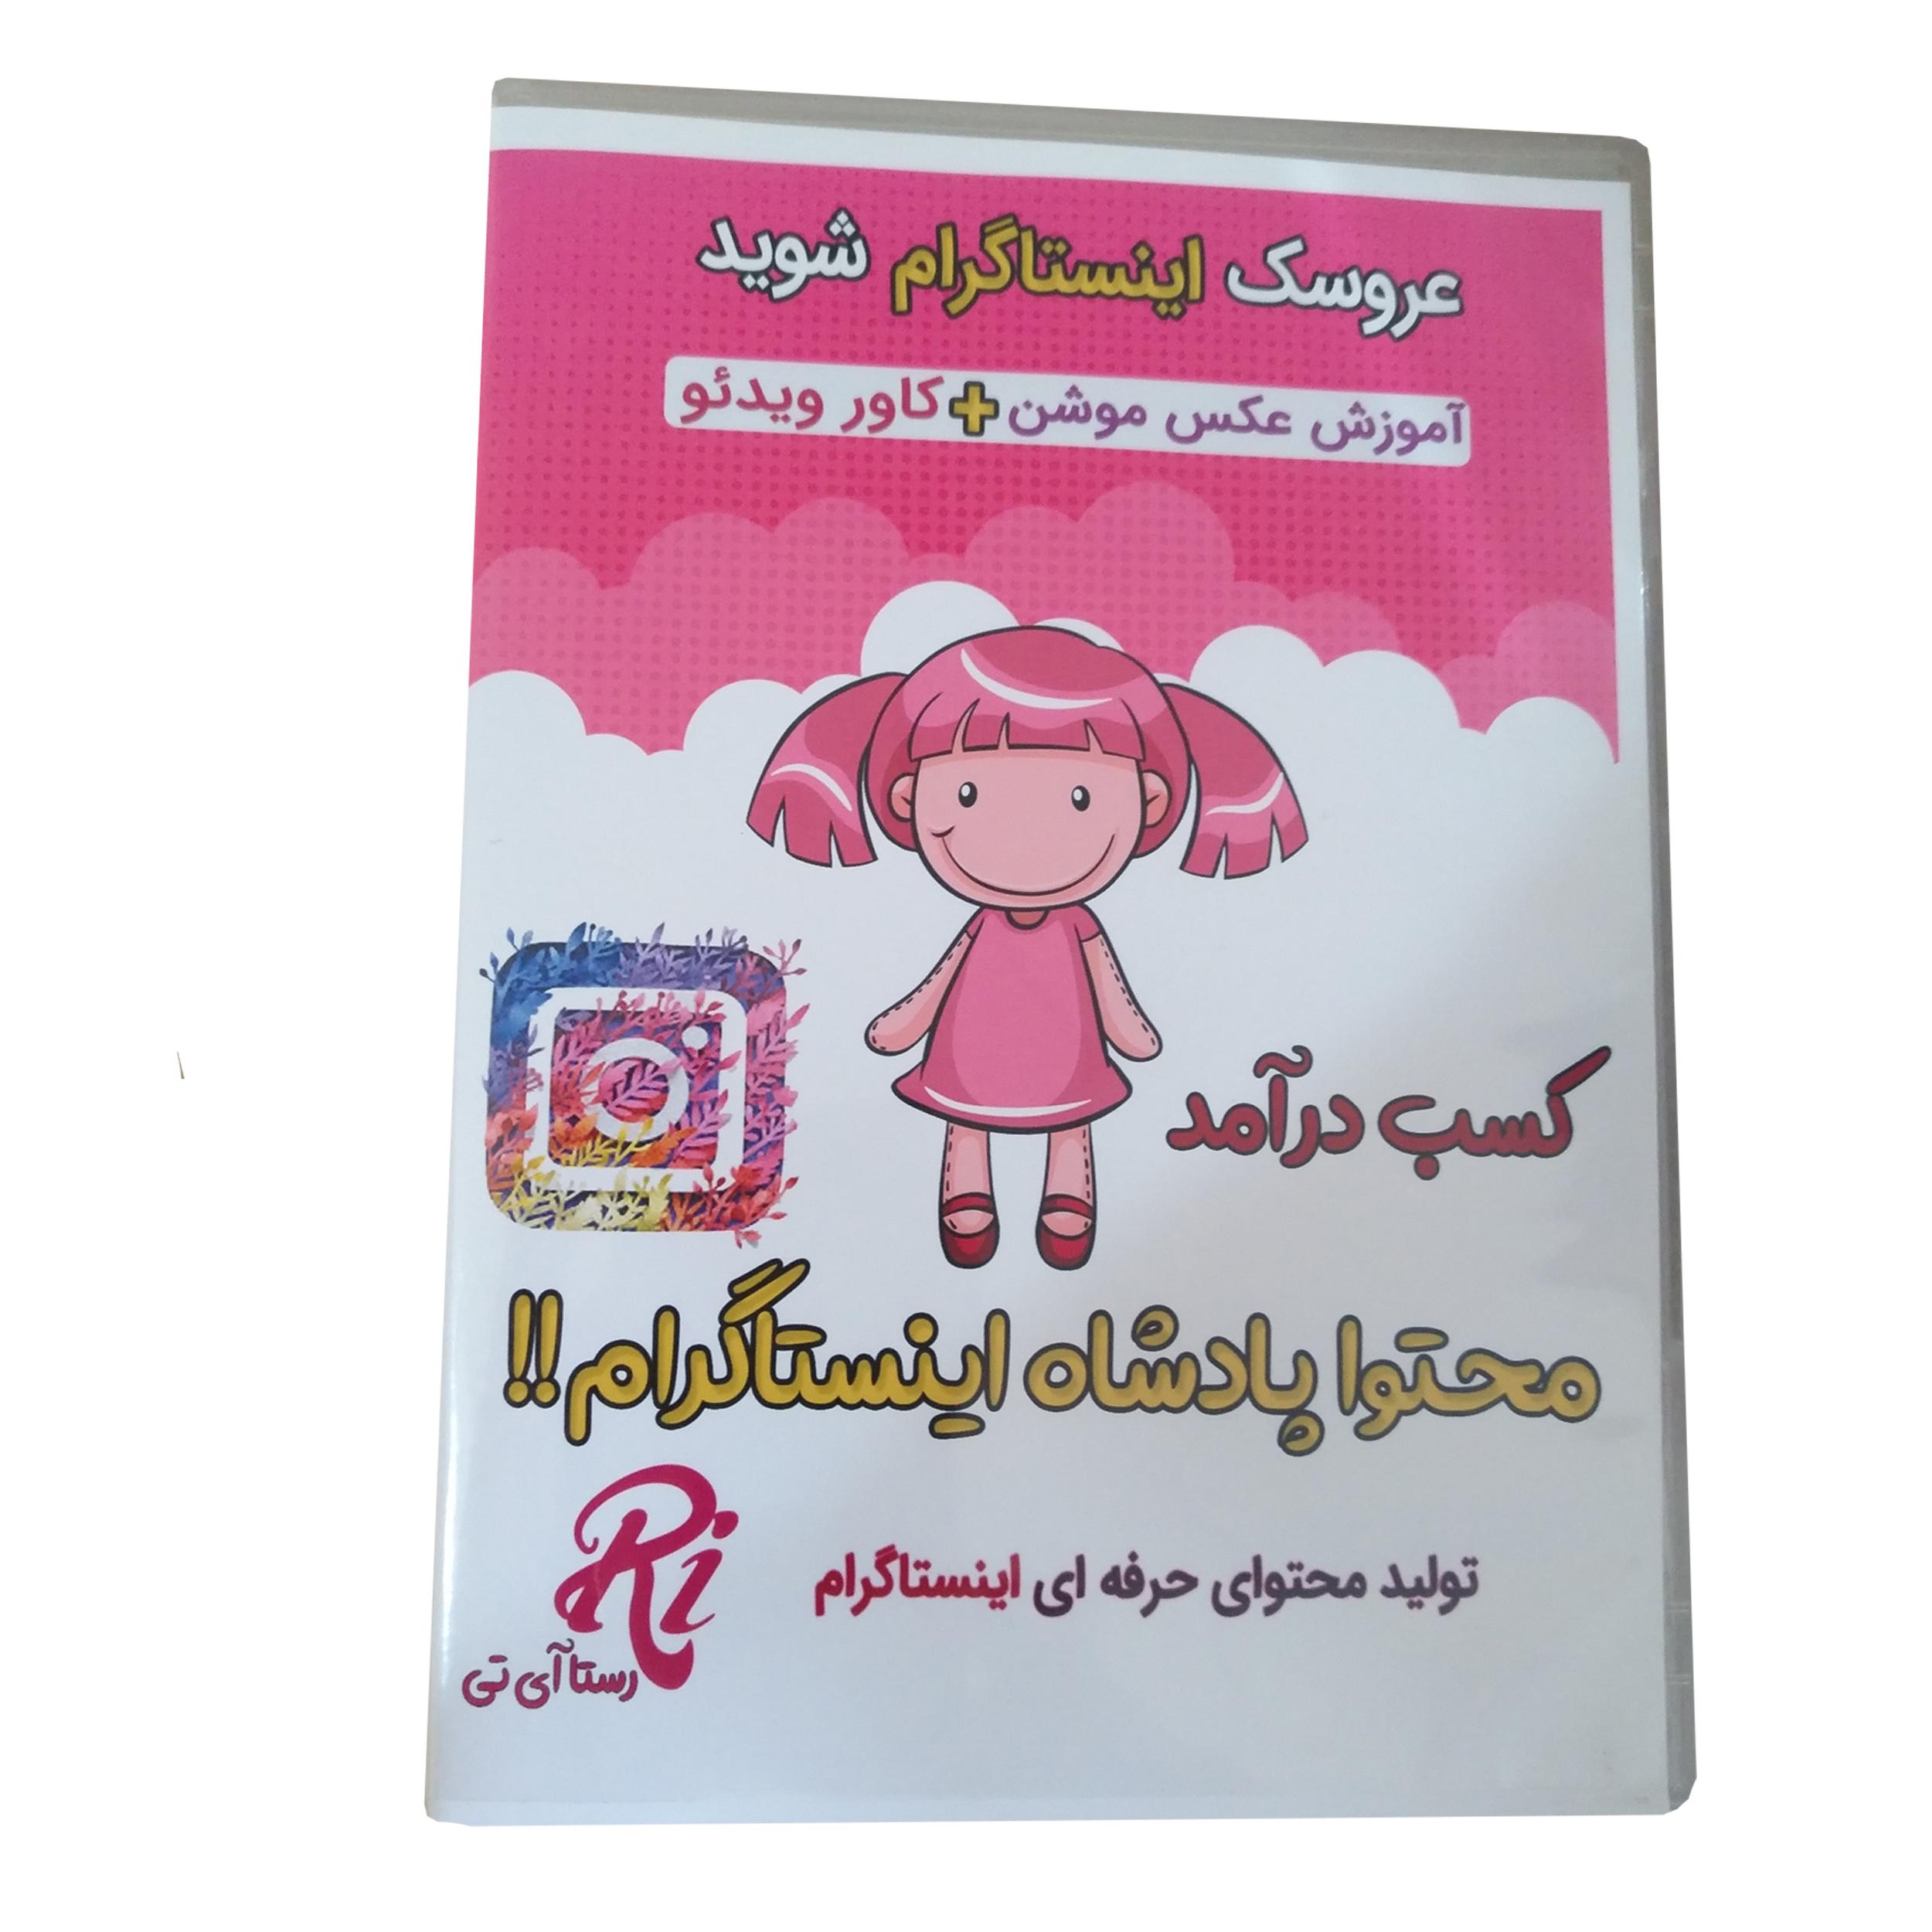 ویدیو آموزشی عروسک اینستاگرام شوید نشر رستا آی تی